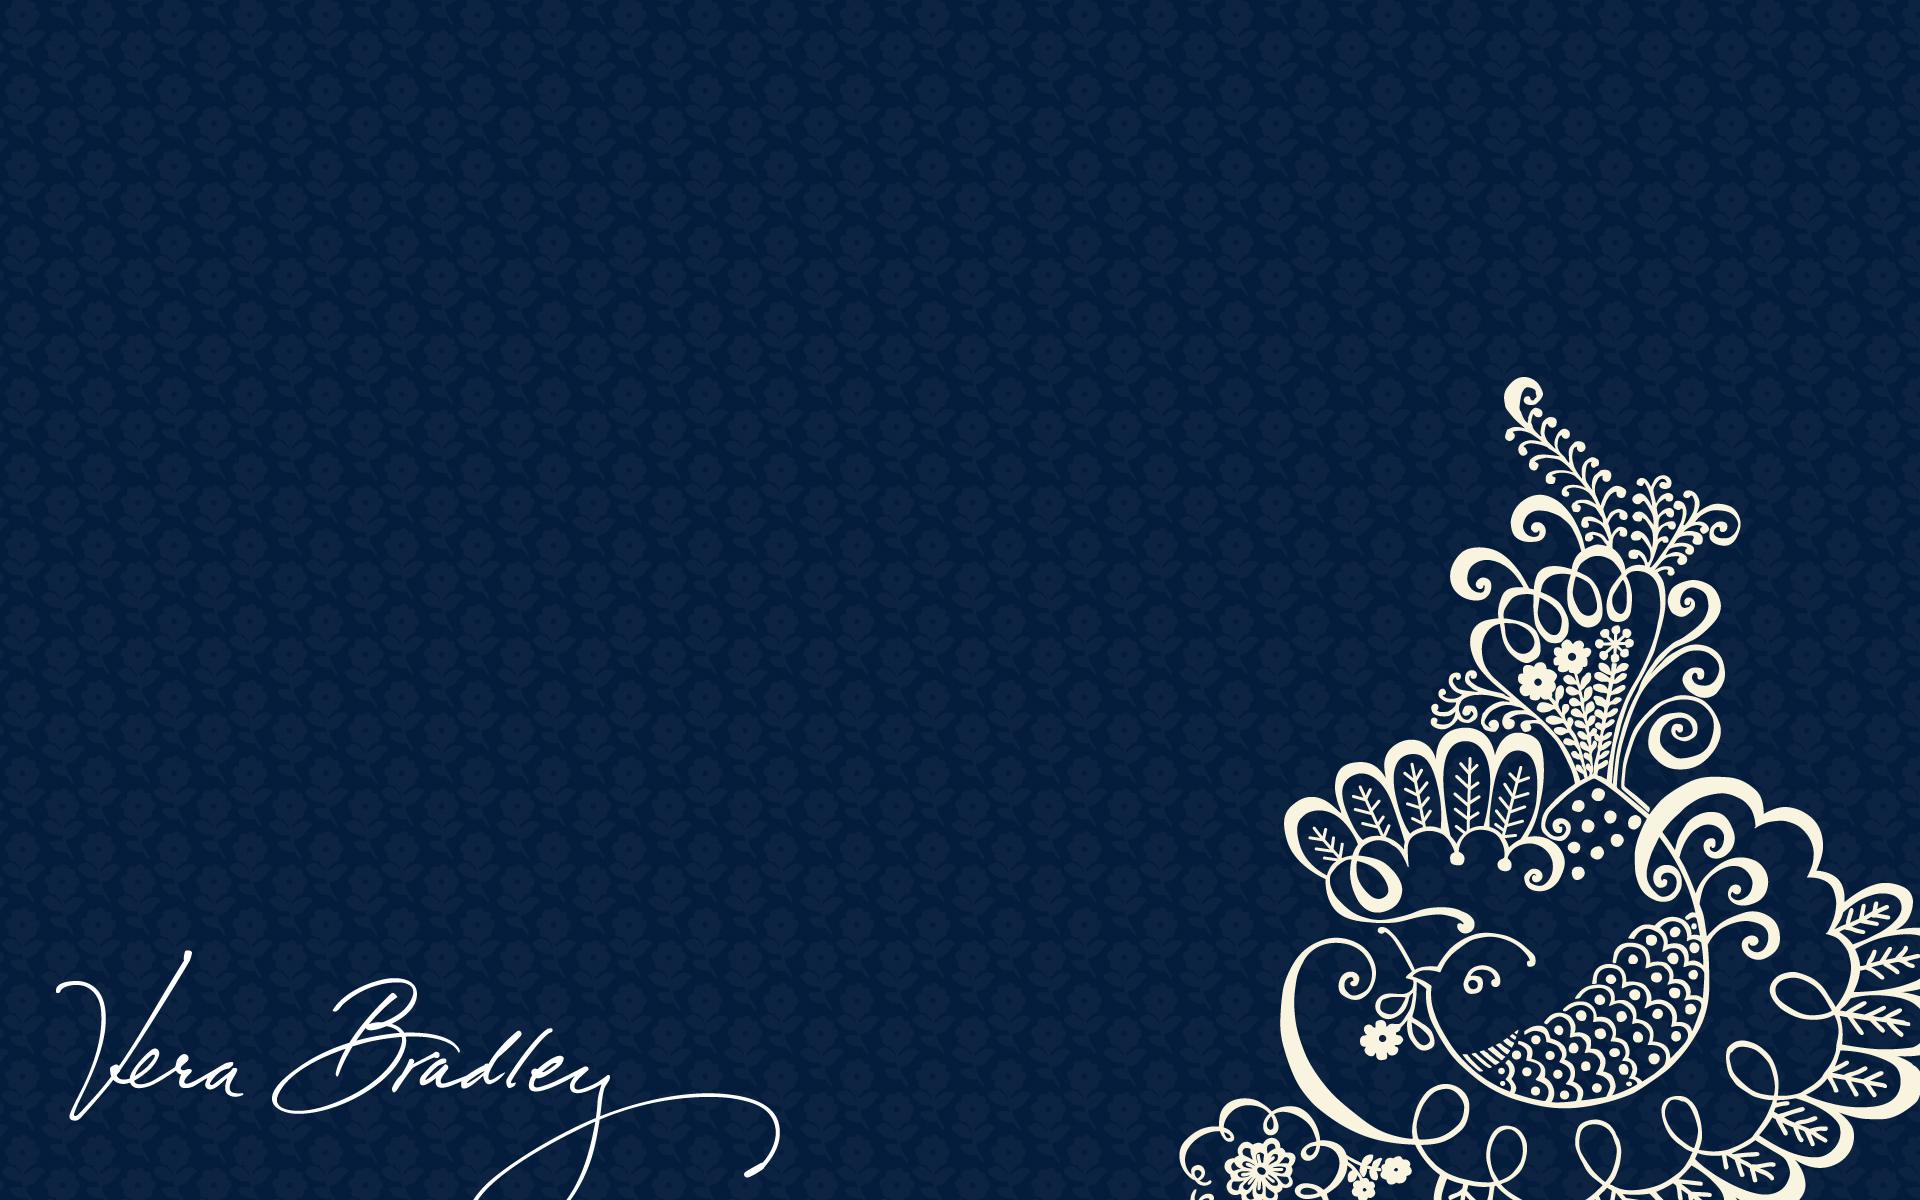 Vera Bradley Christmas